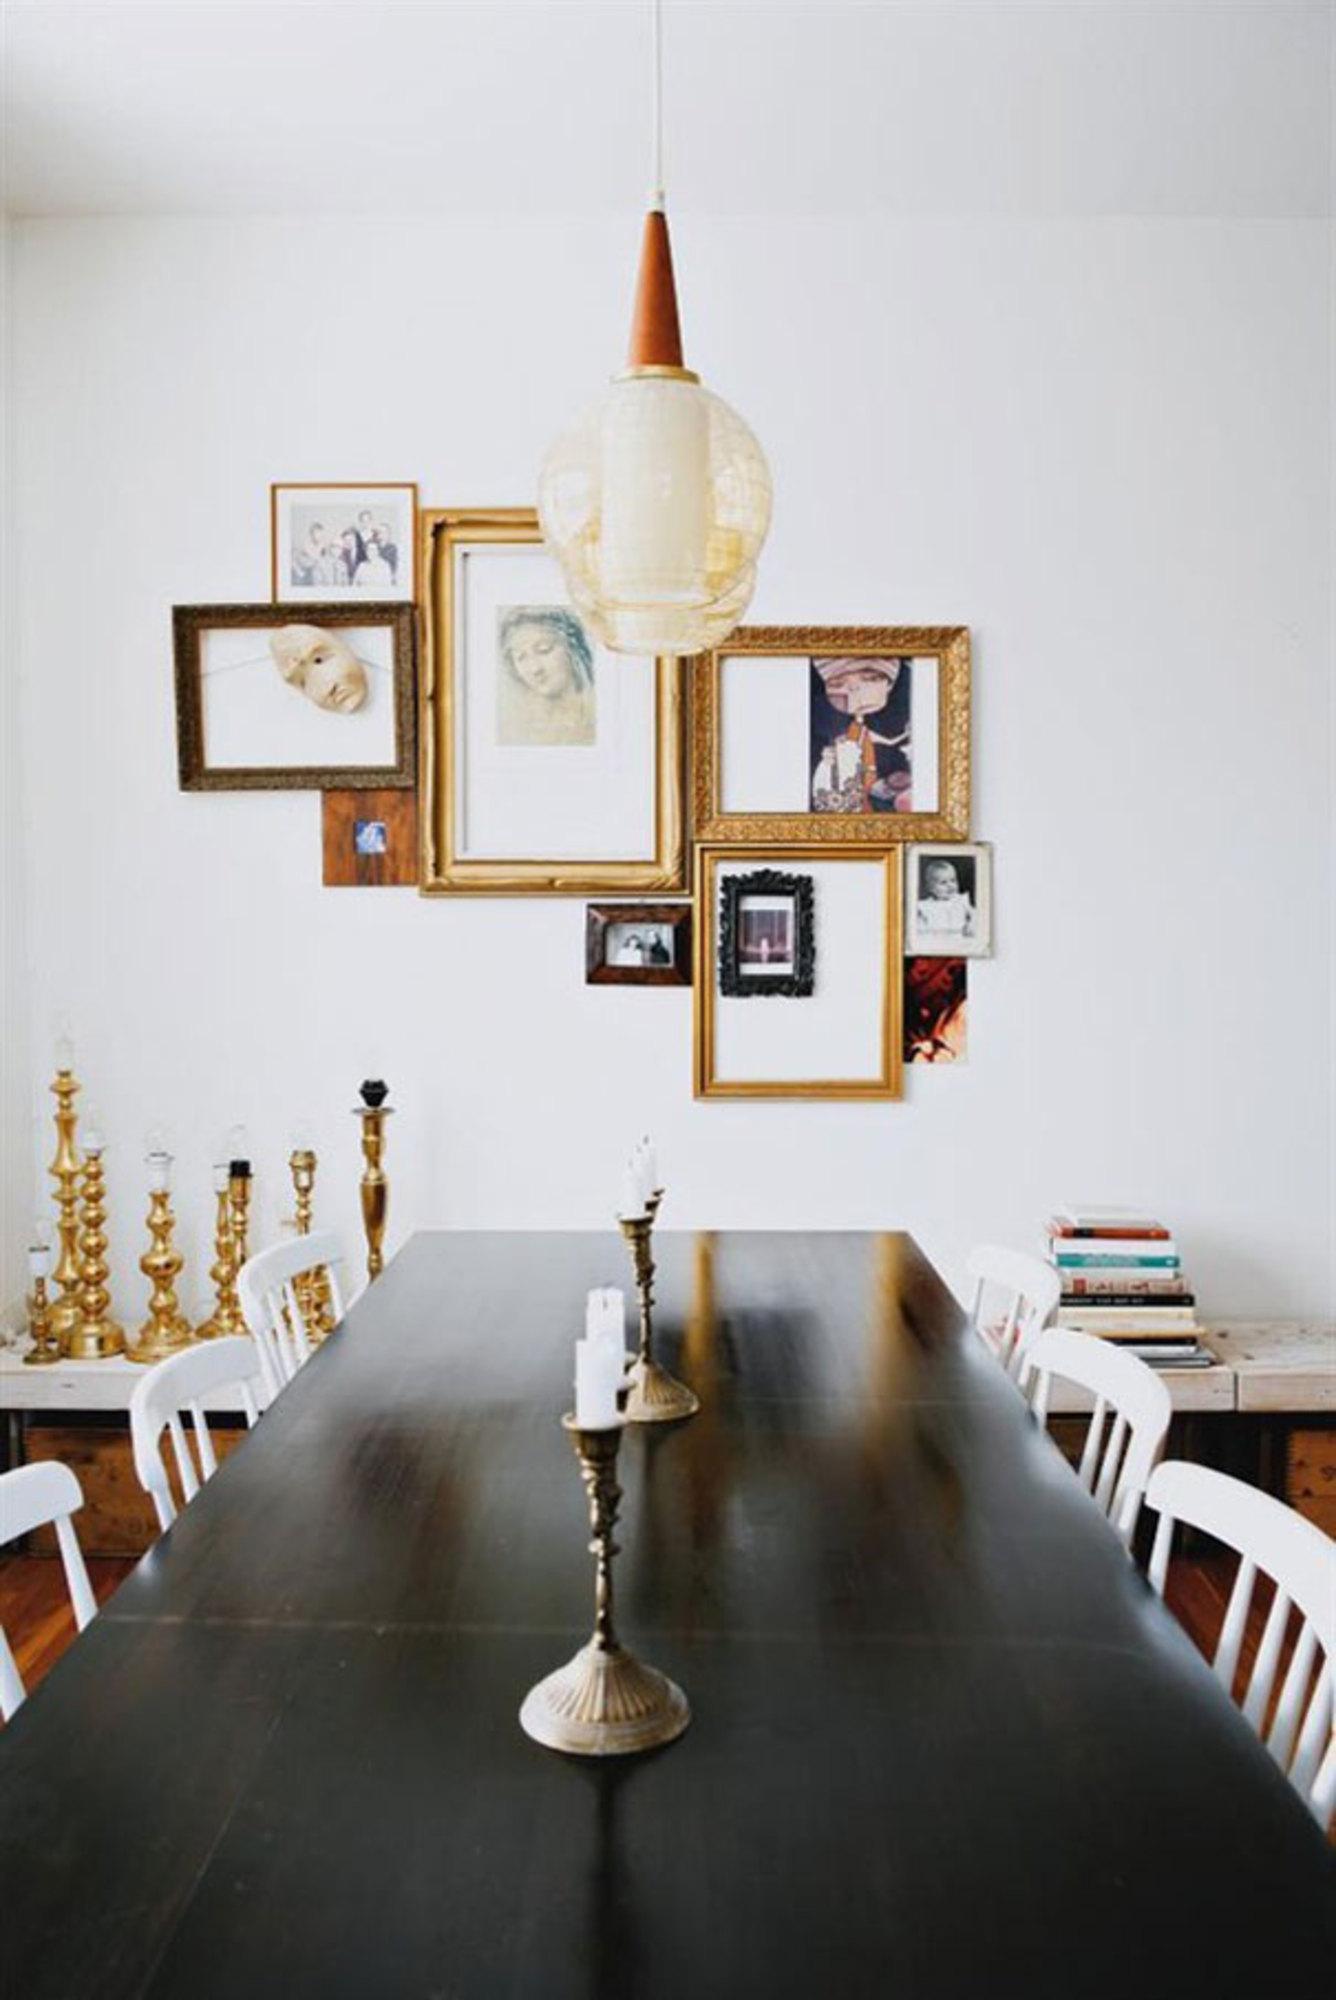 decoracao de sala barata e bonita:SOLUÇÕES DE DECORAÇÃO BONITA E BARATA